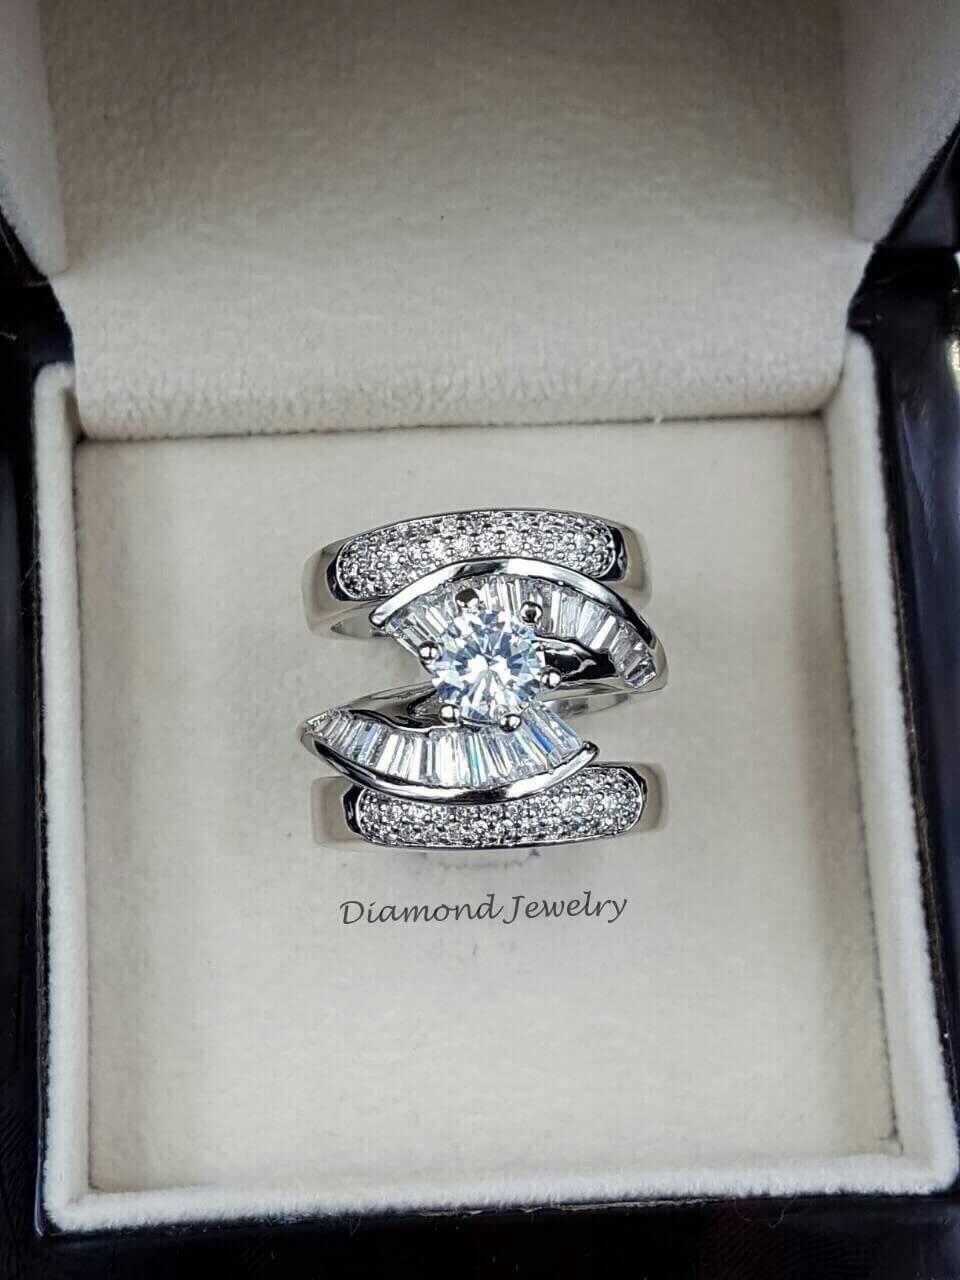 พร้อมส่ง Diamond Ring งานเพชร CZ แท้ แหวนเซตมี 3 วงคะ